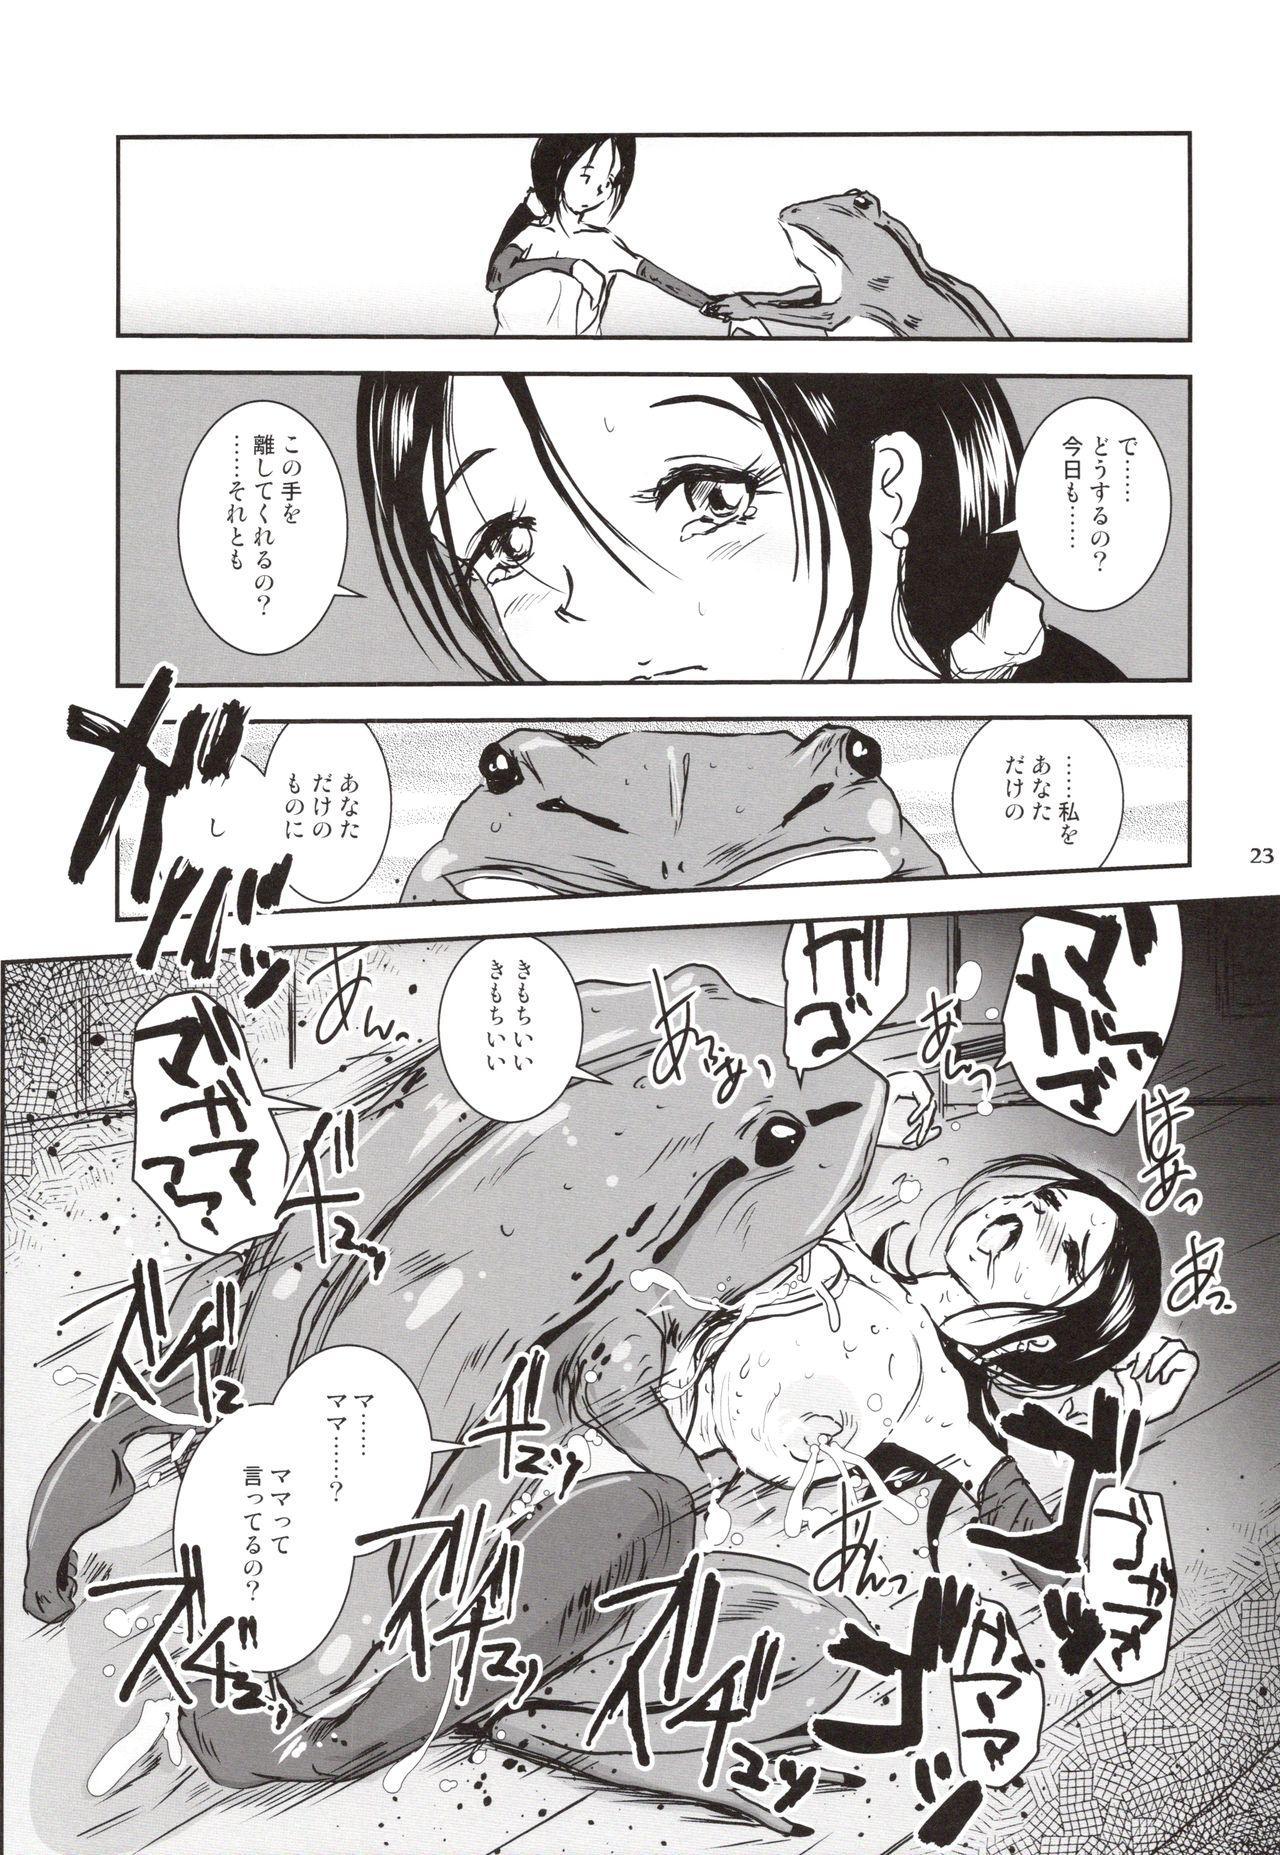 Kinshin Kaerukan - Mama o Aishi Sugita Kogaeru no Monogatari 21